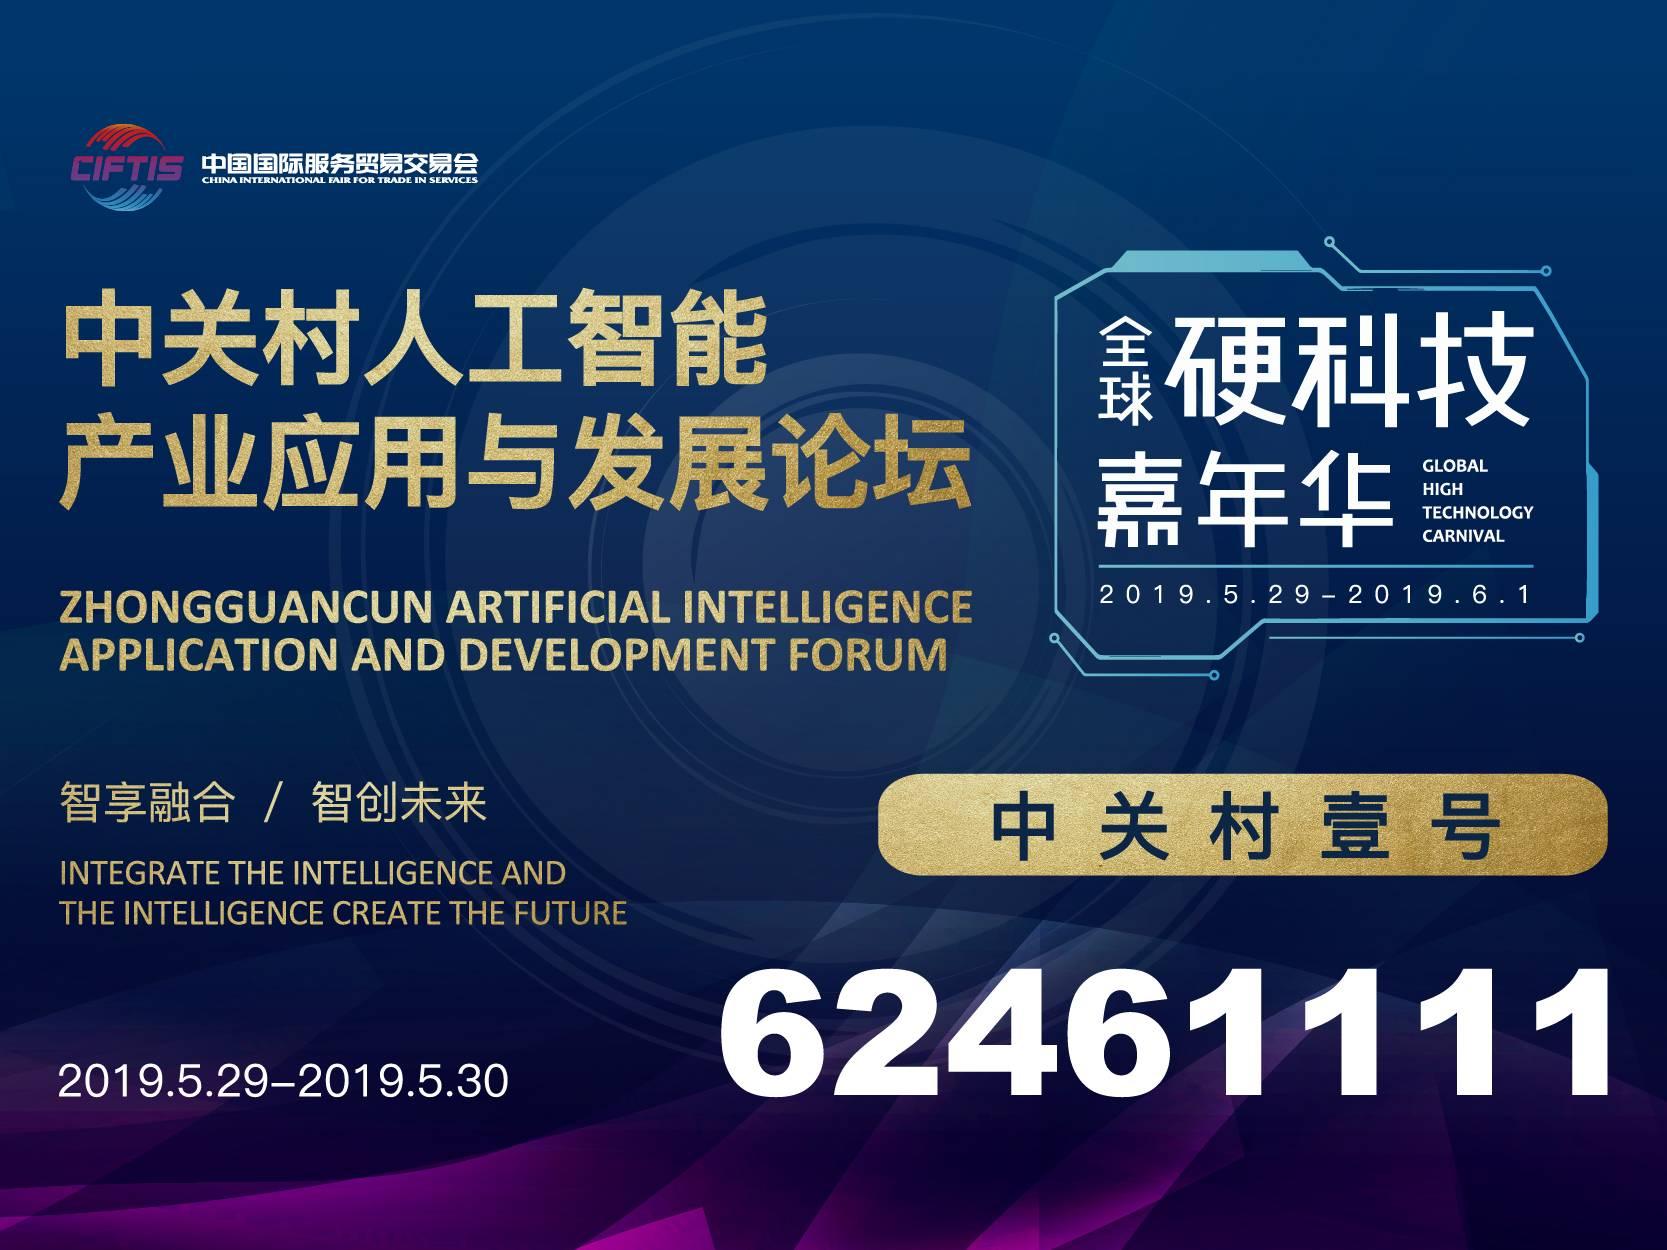 中关村人工智能产业应用与发展论坛